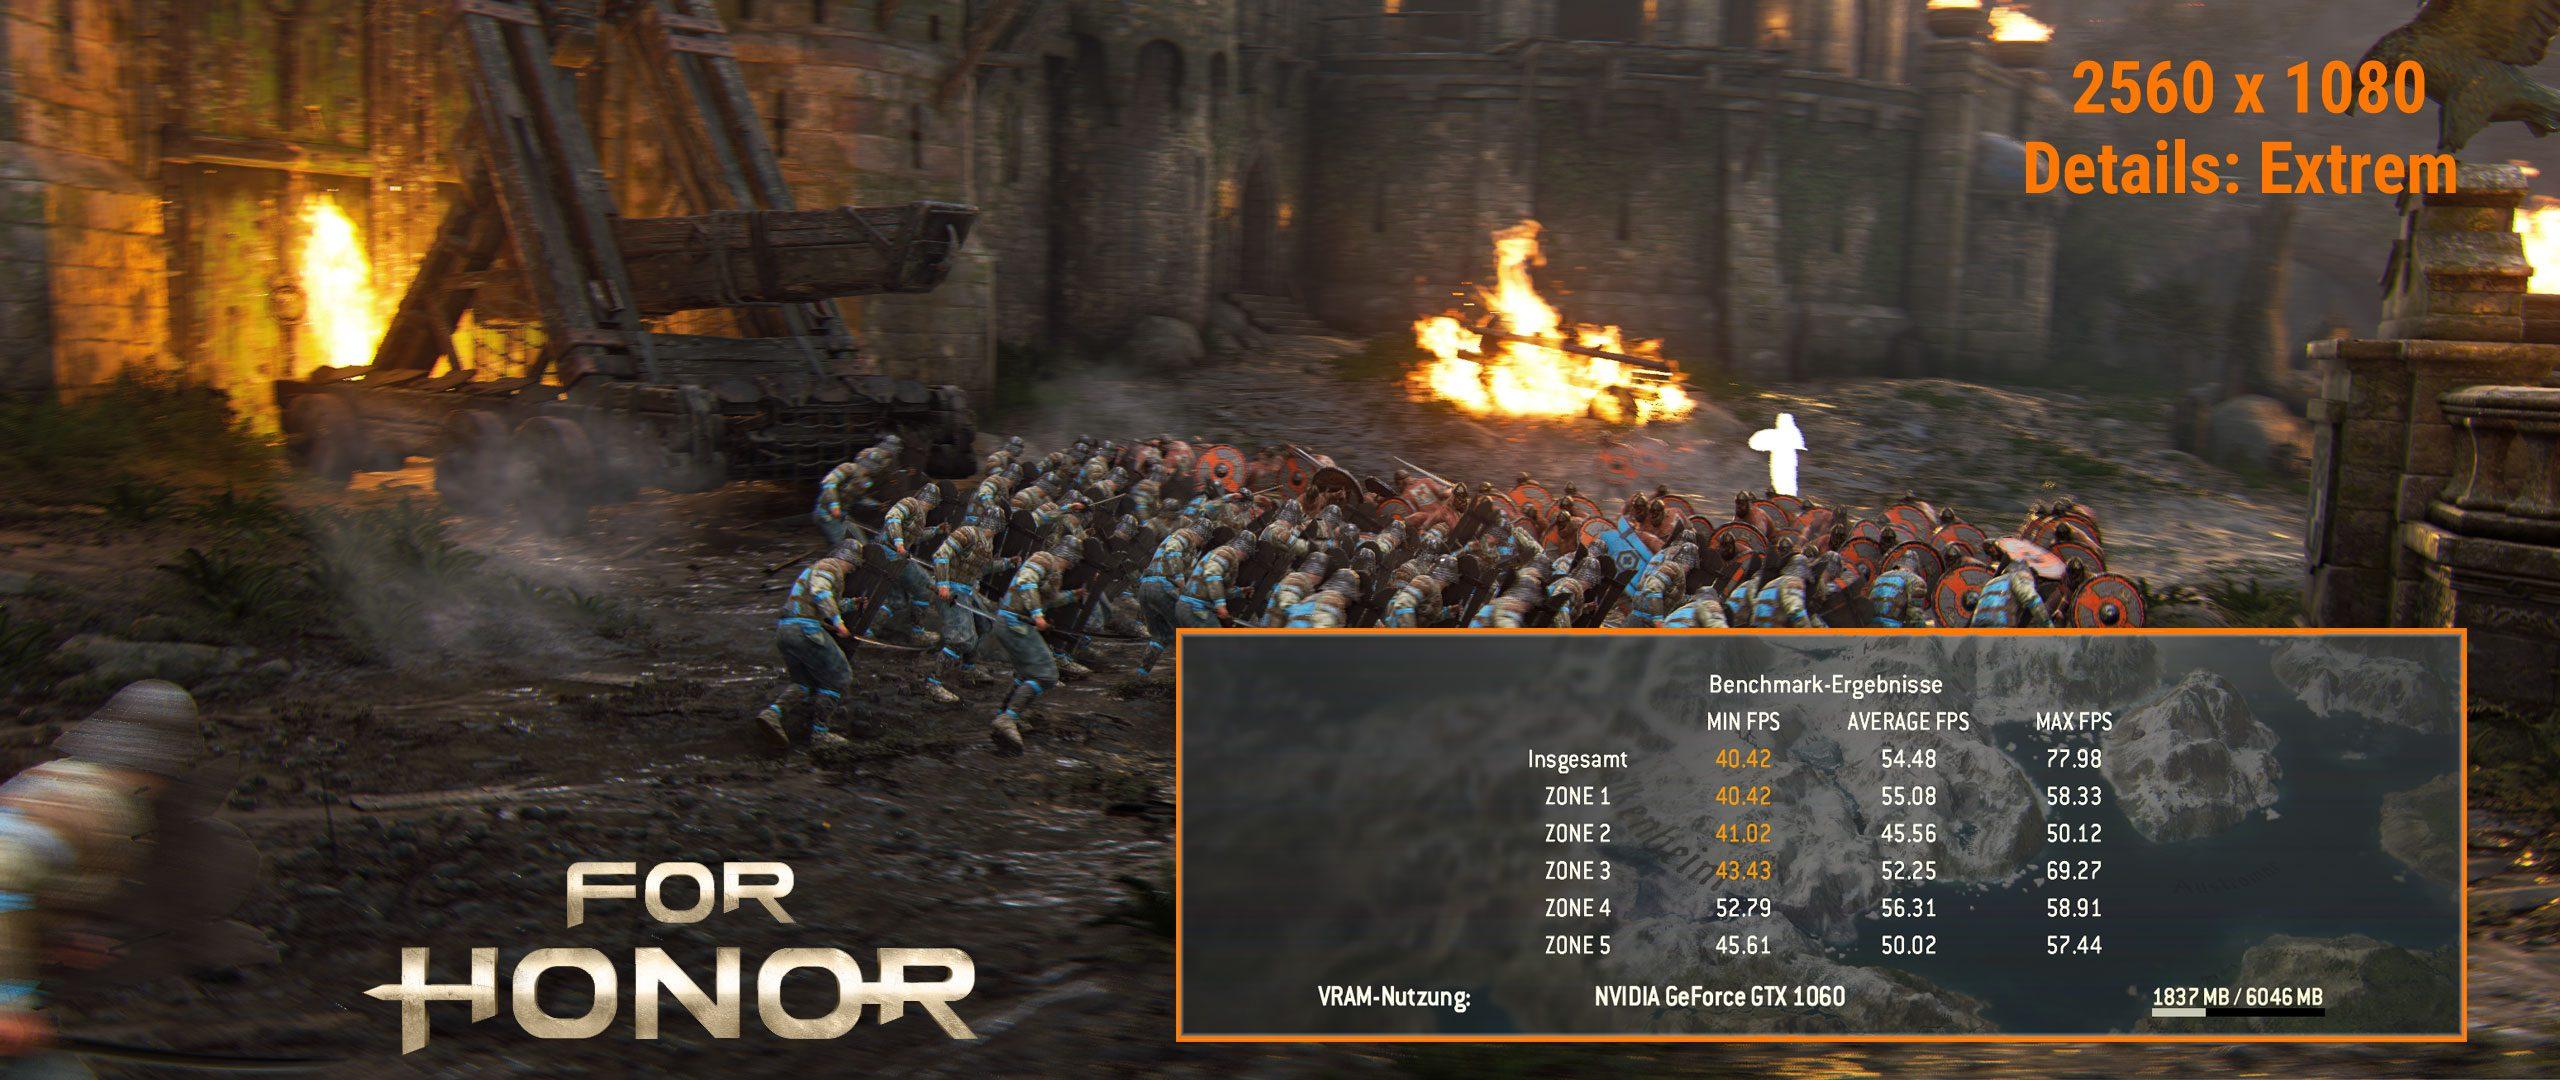 Schenker-XMG-A517-dxf_Games-Monitor_7